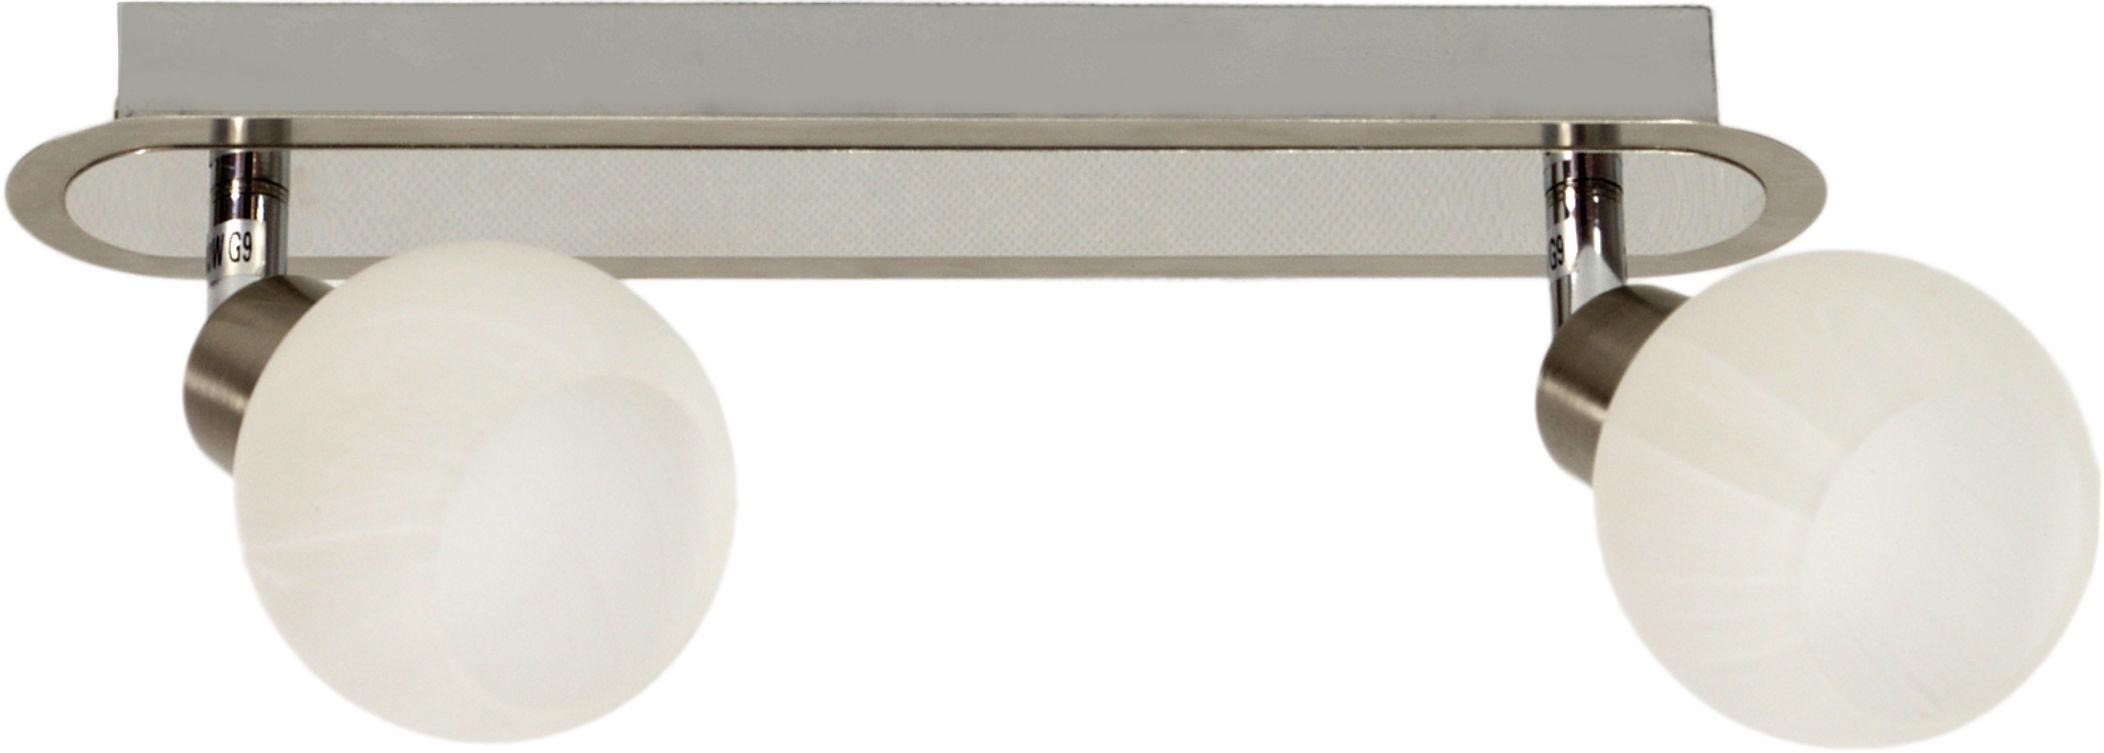 Candellux ALABASTER 92-07018 listwa oświetleniowa satyna nikiel+chrom szklany klosz 2X40W G9 42cm